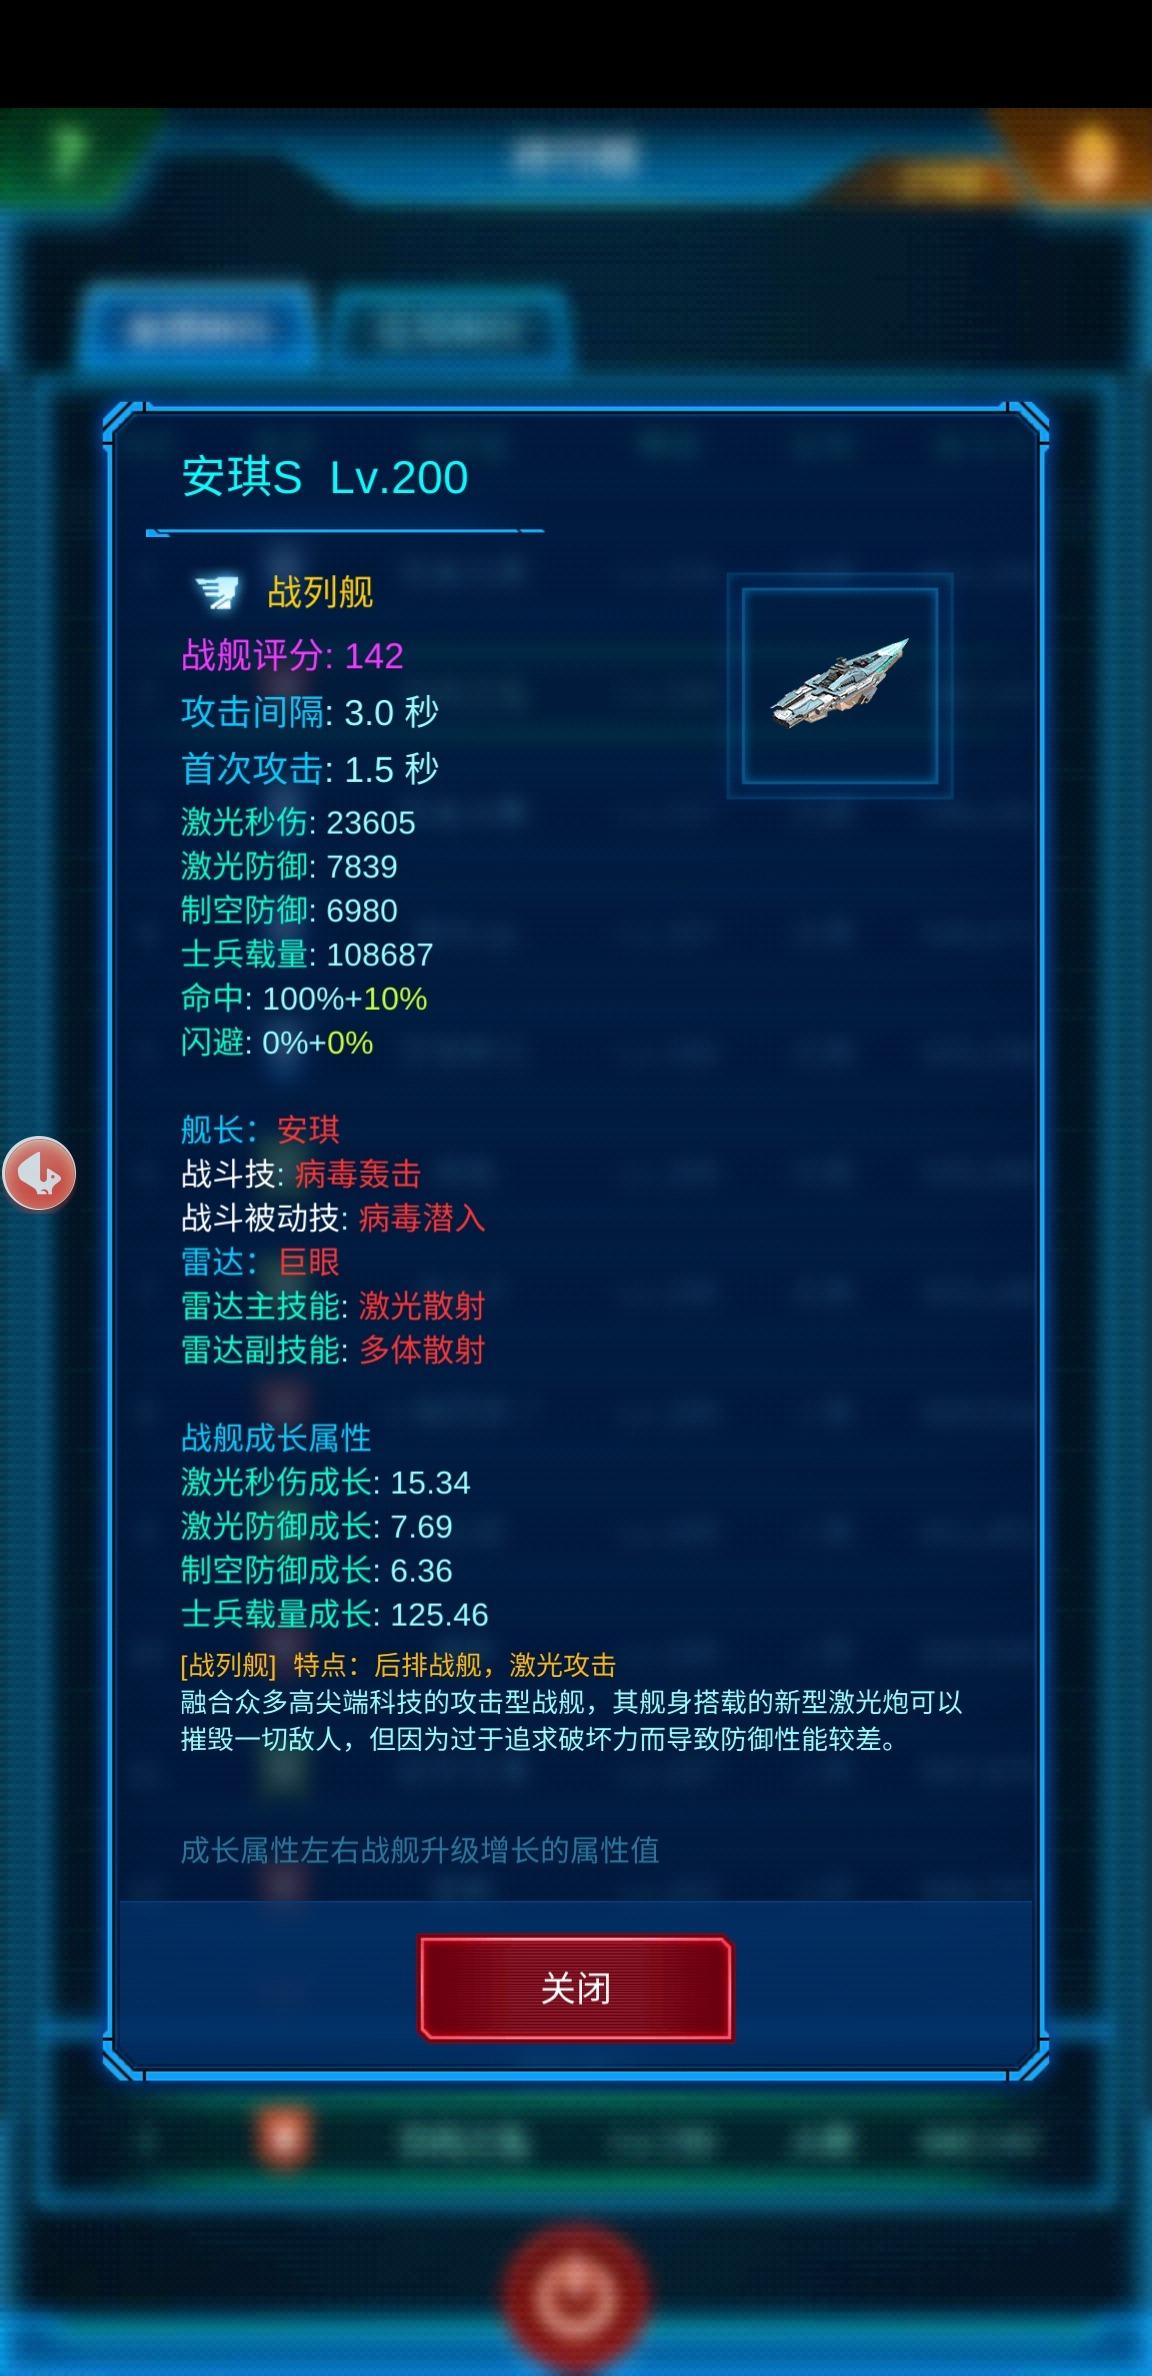 Screenshot_20210706_182459_com.tanwan.mobile.yhzjs.jpg